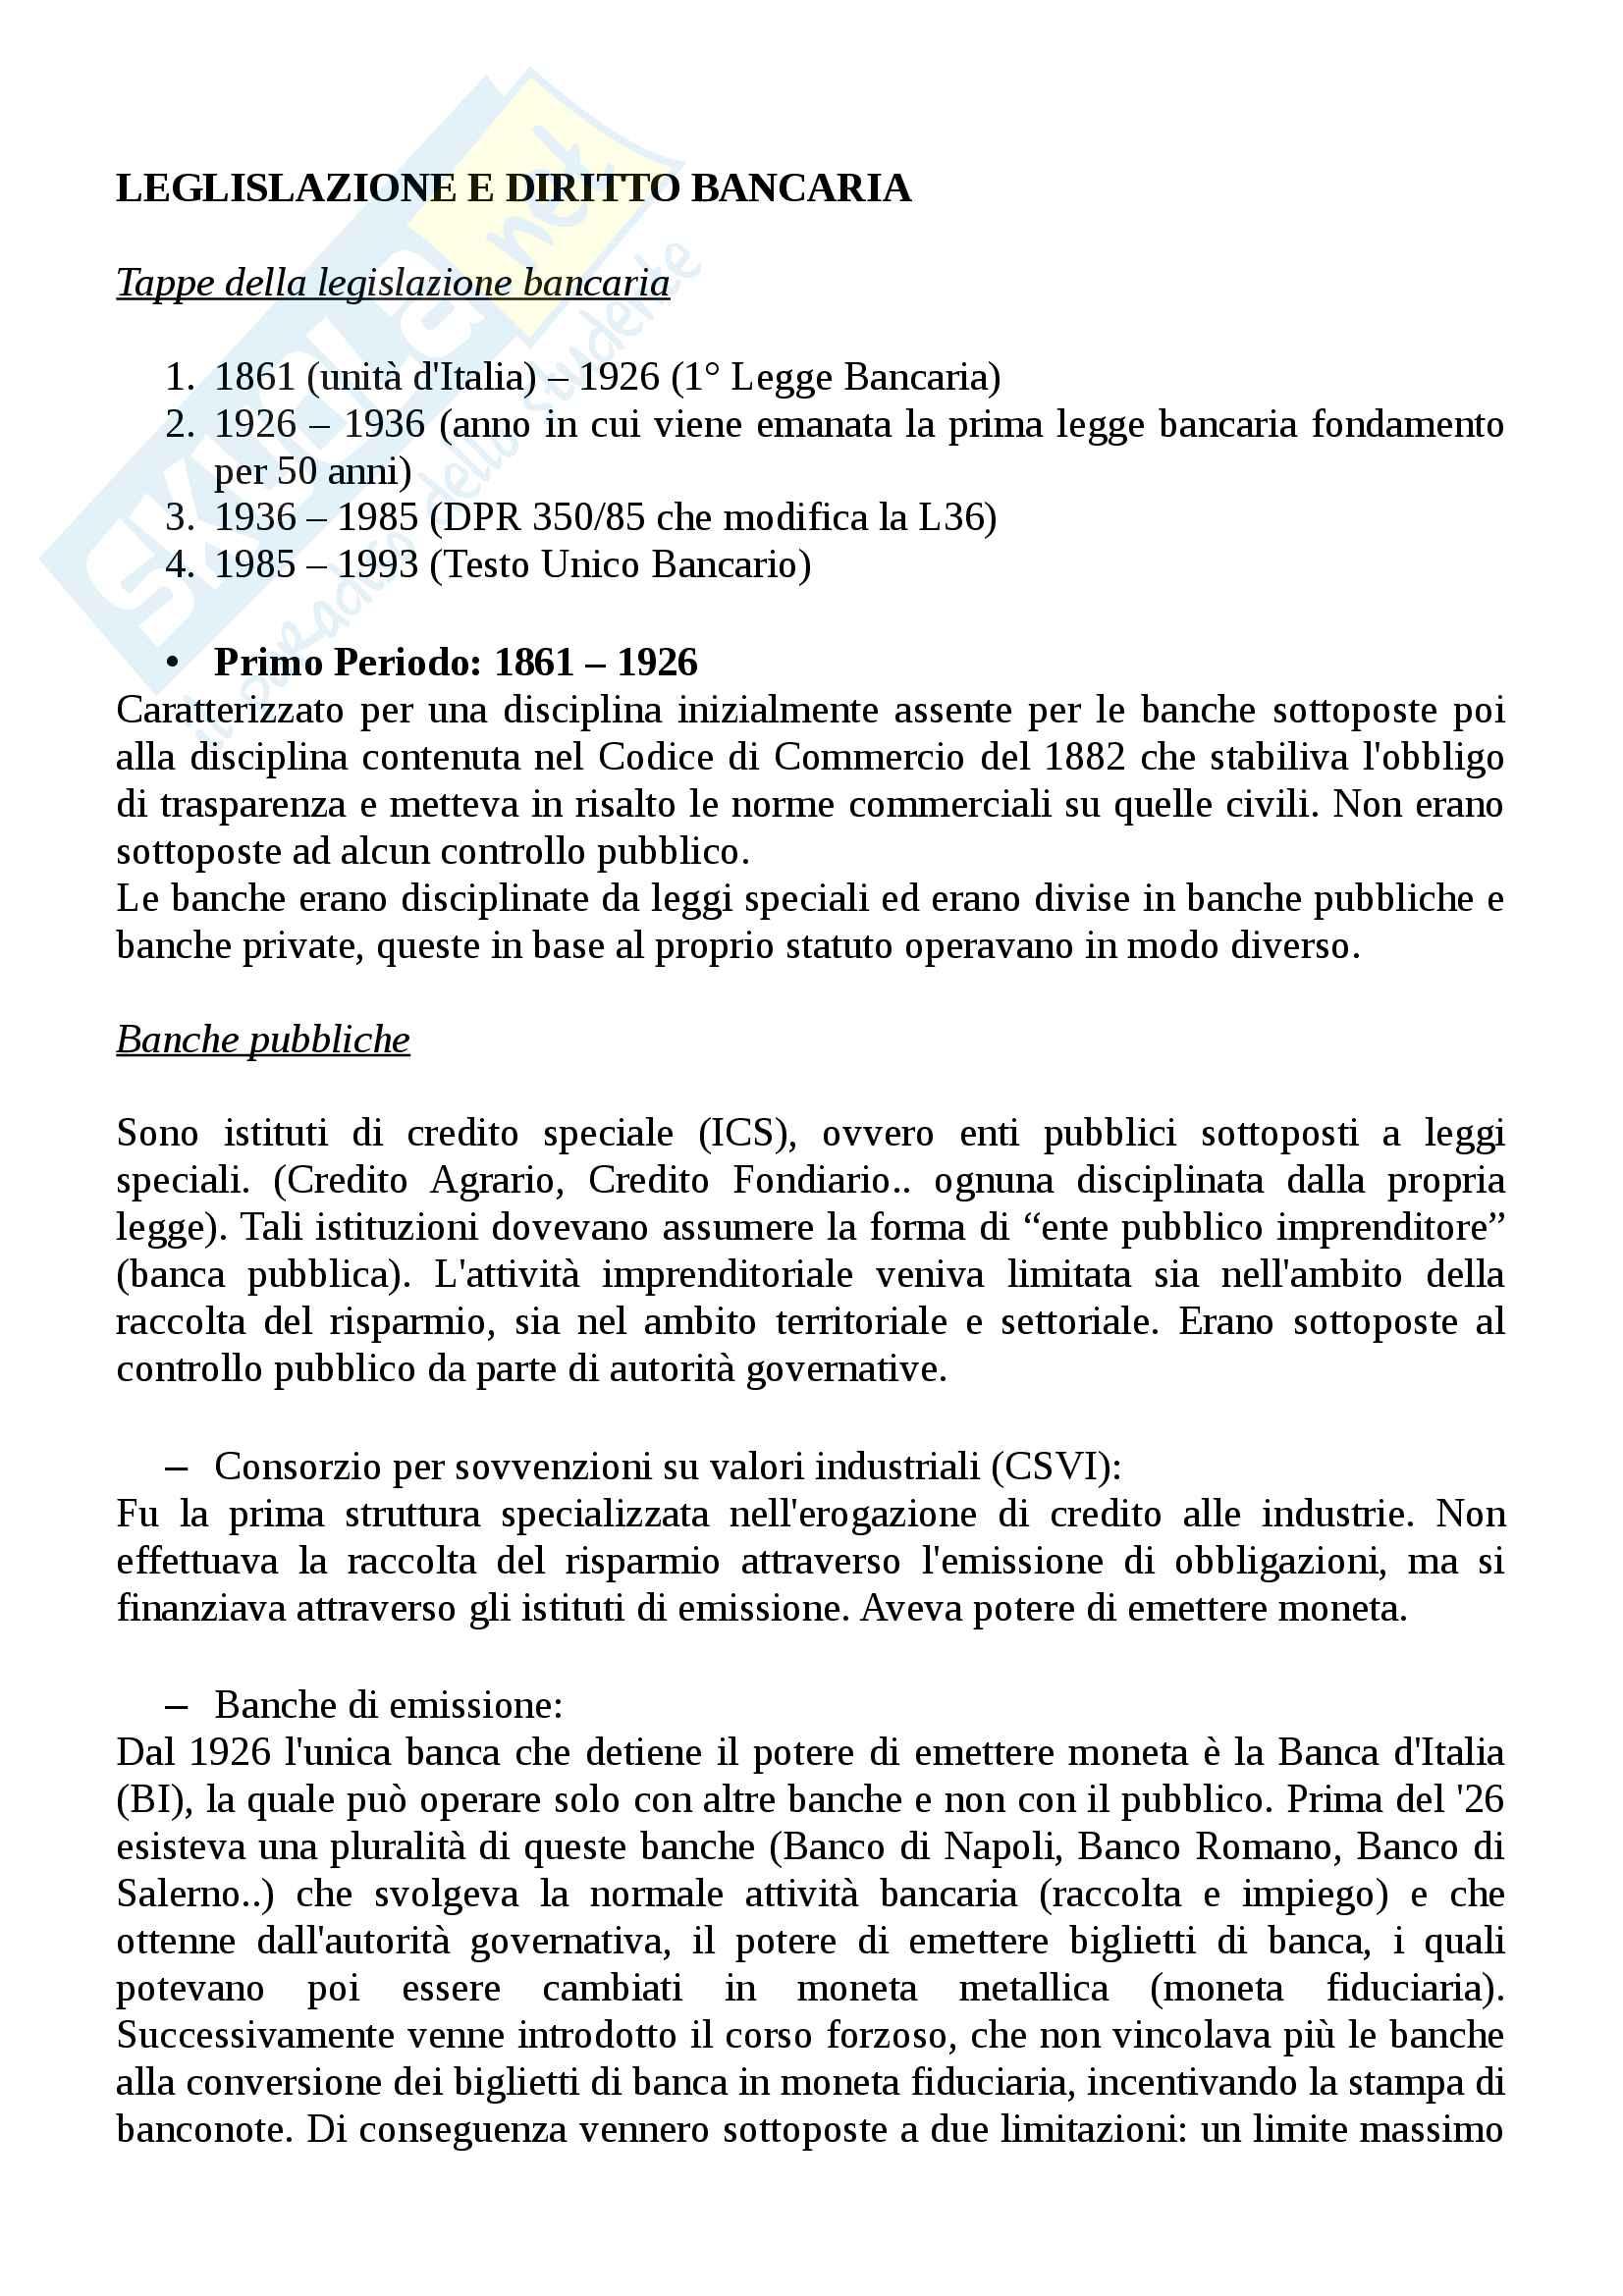 Legislazione e diritto bancario